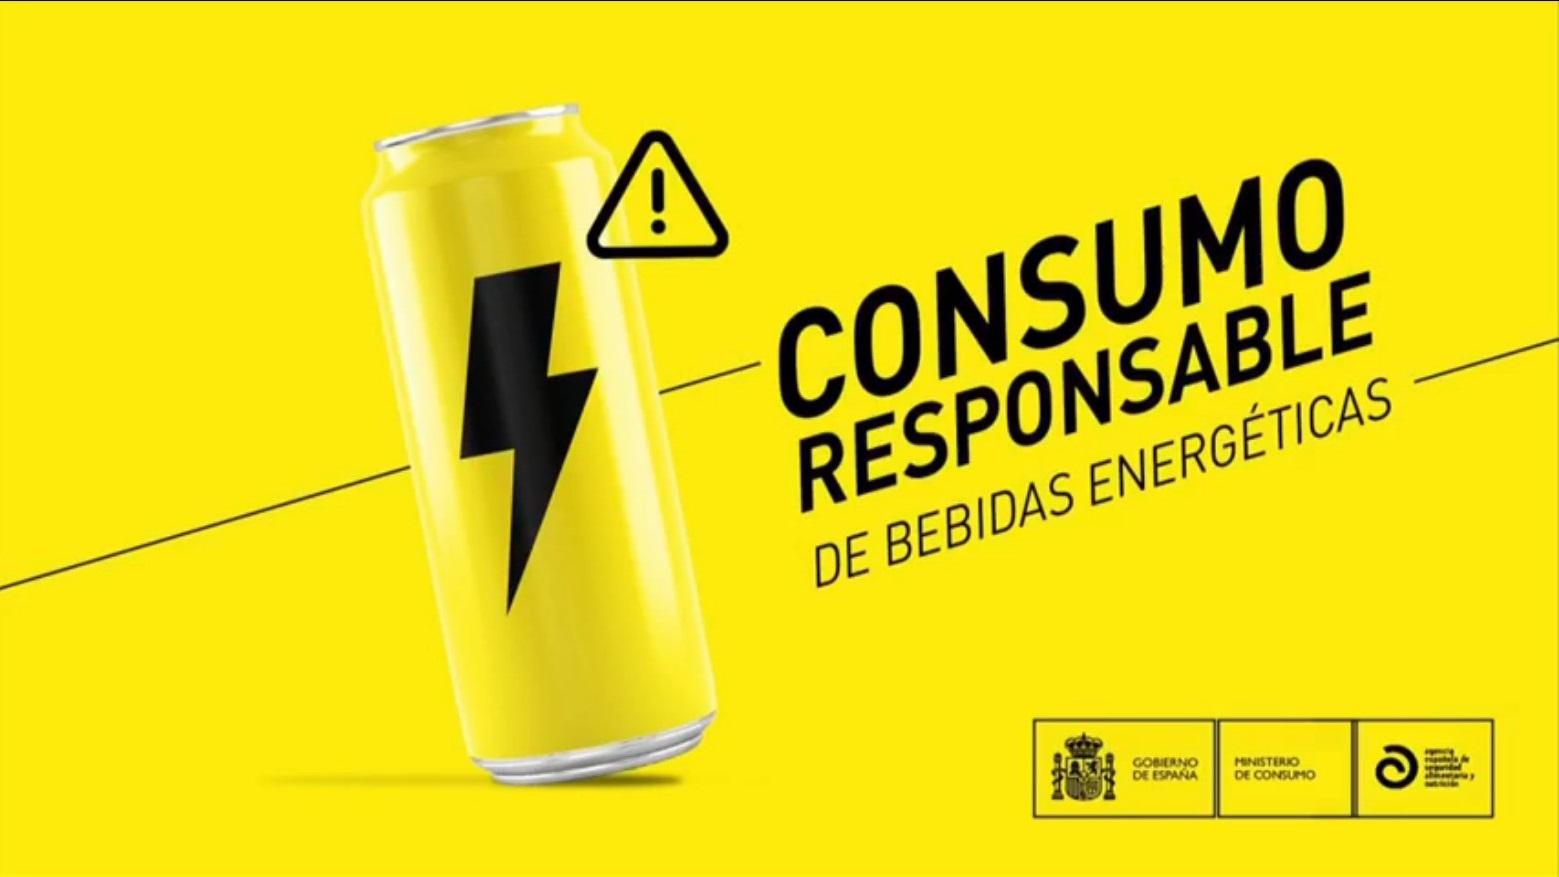 El Ministro de Consumo presenta el informe del Comité Científico de la AESAN sobre bebidas energéticas.